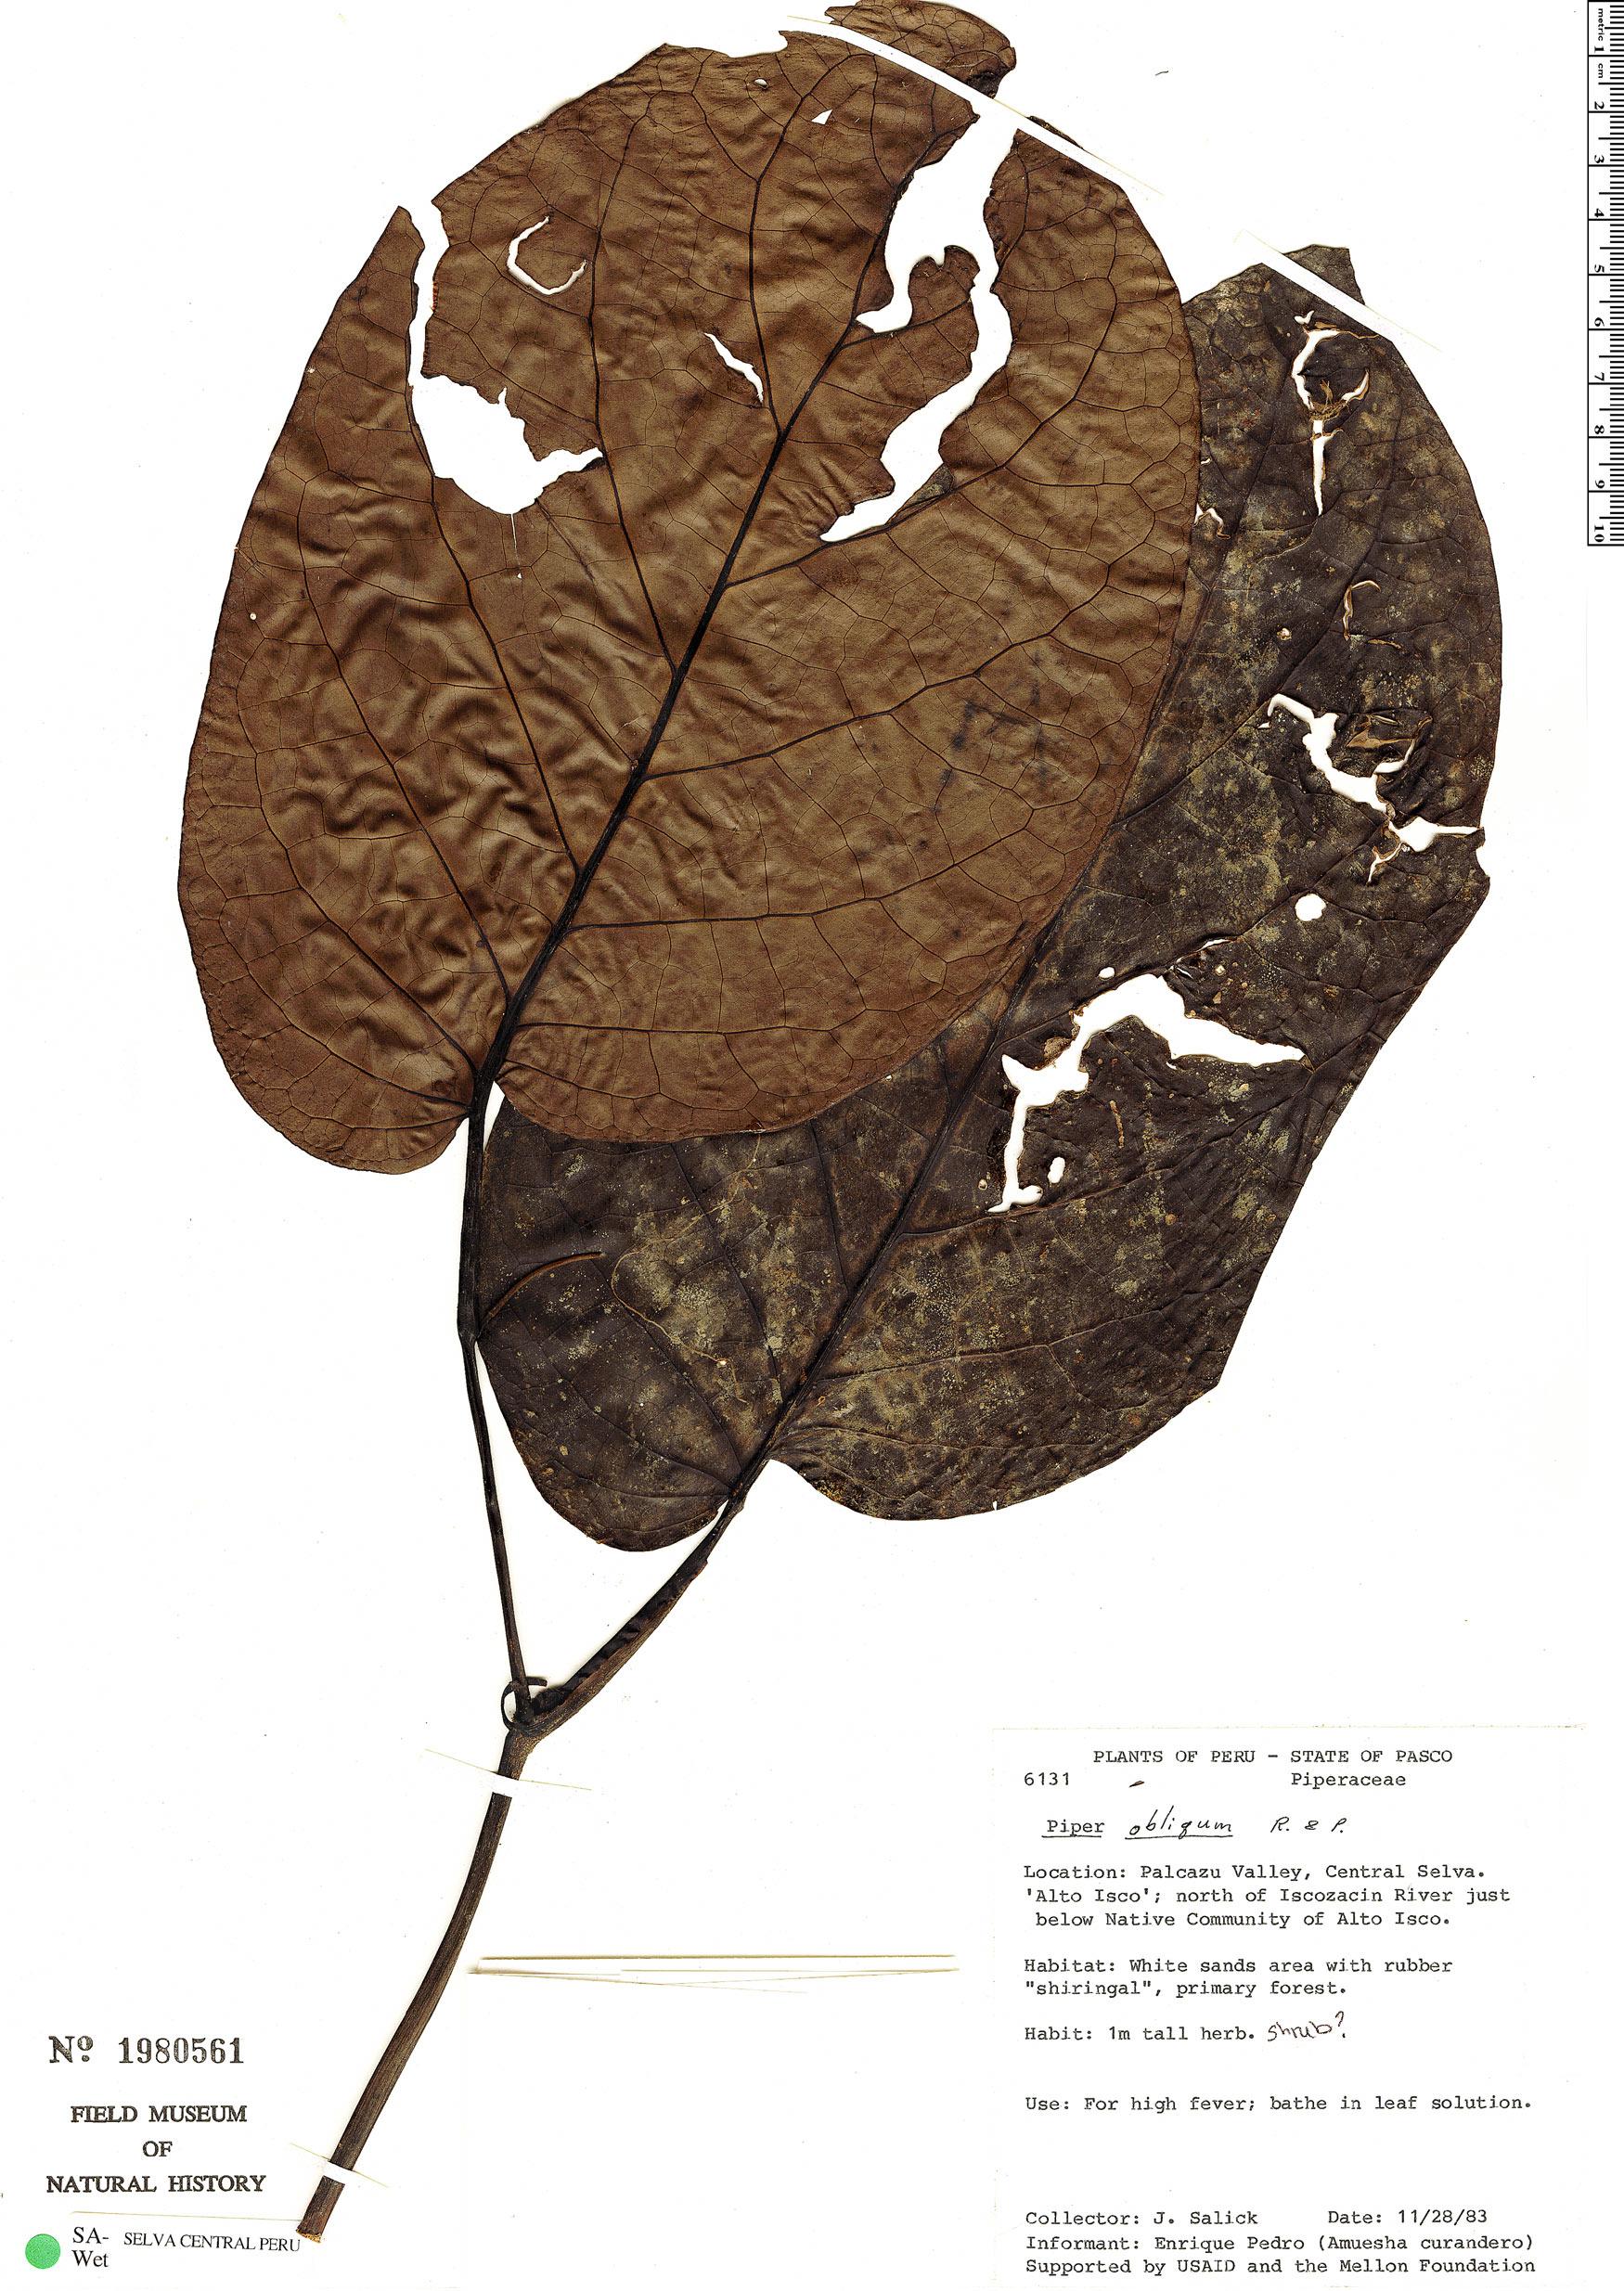 Specimen: Piper obliquum